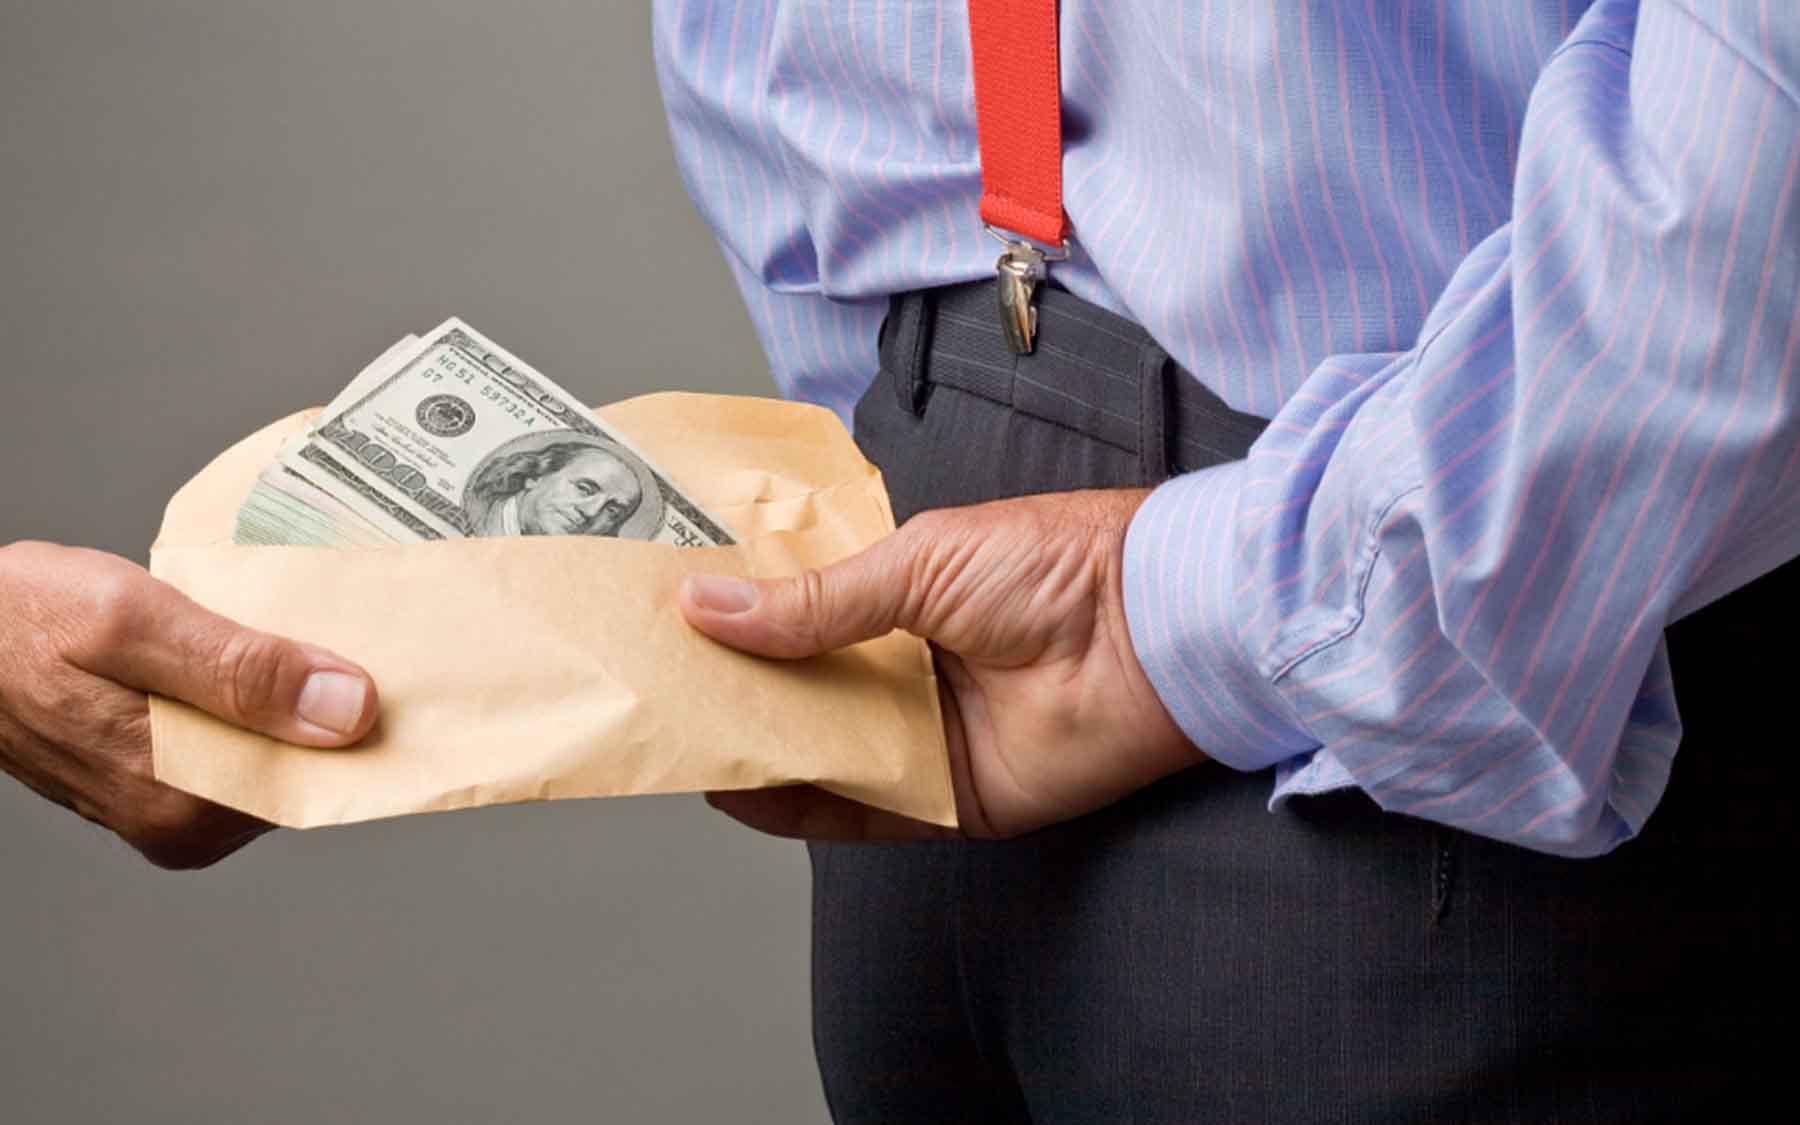 Vzyatki. BRW Magazine - Закон Робин Гуда: взятки, конфискованные у коррупционеров, будут зачислять в Пенсионный Фонд России